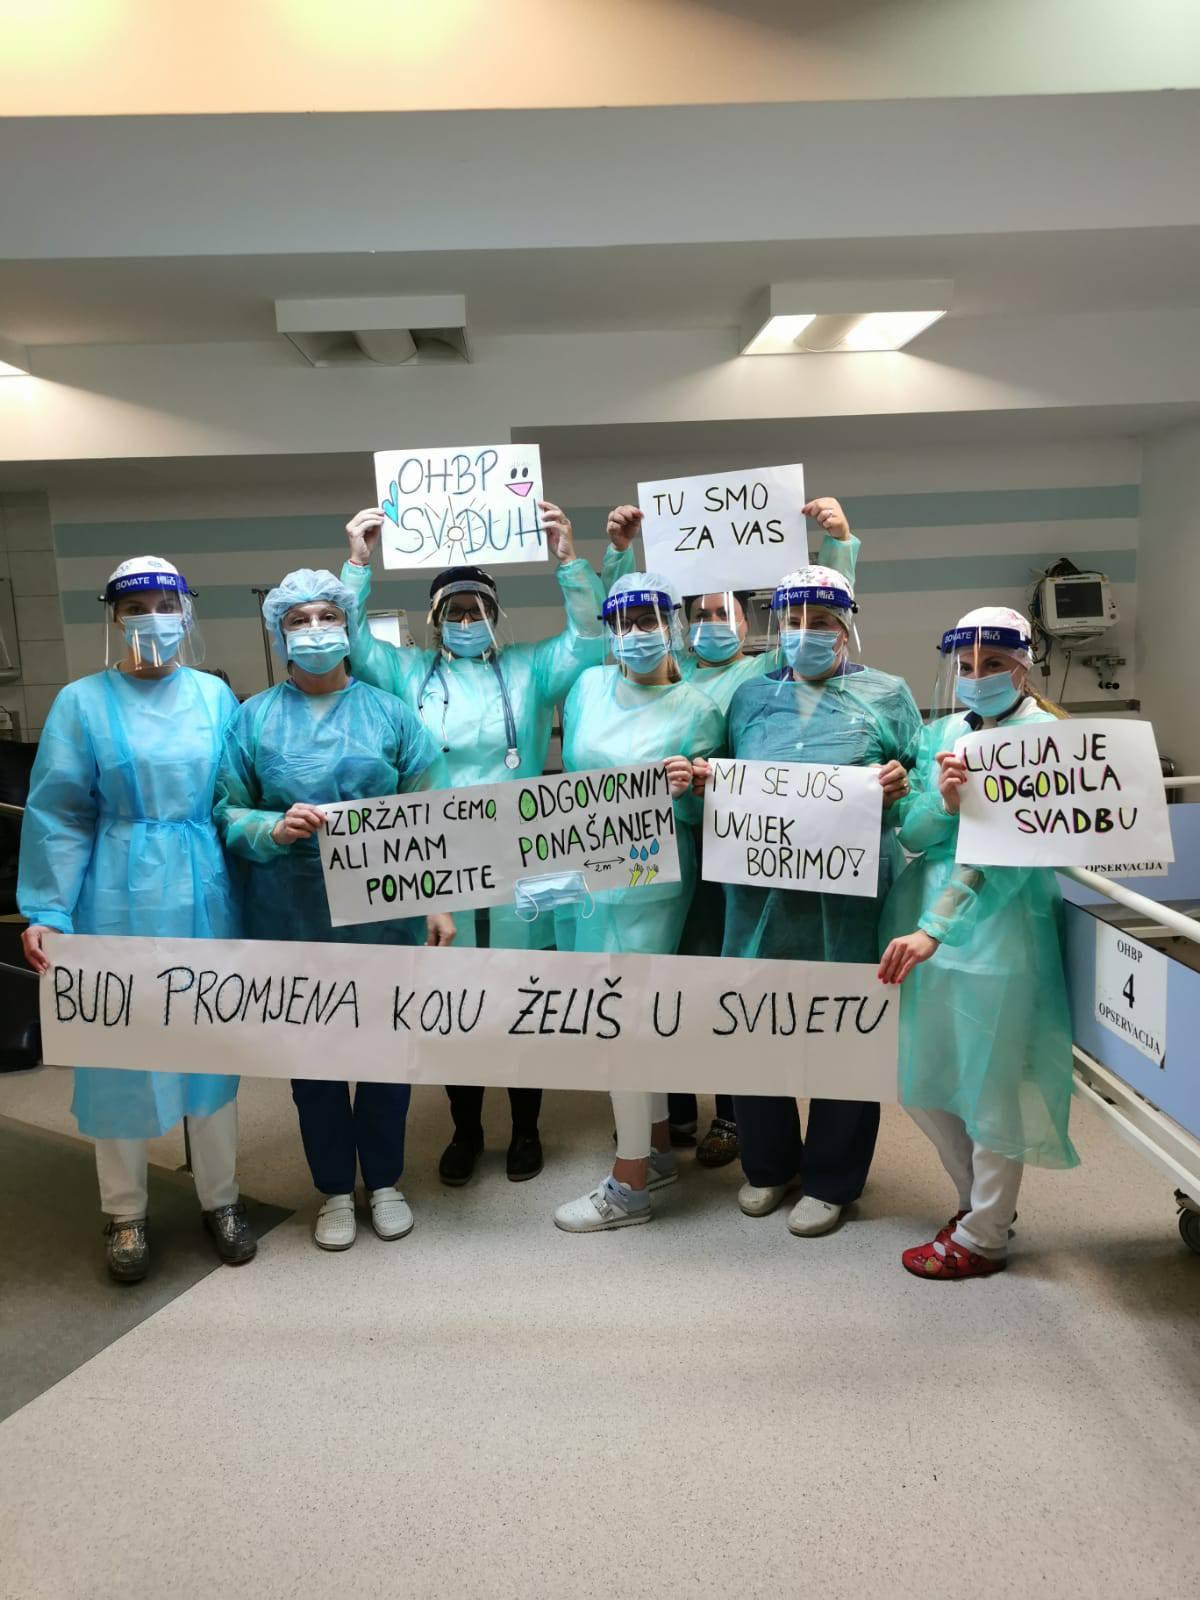 Medicinari: 'Mi se još borimo. Izdržat ćemo, ali pomozite nam odgovornim ponašanjem'